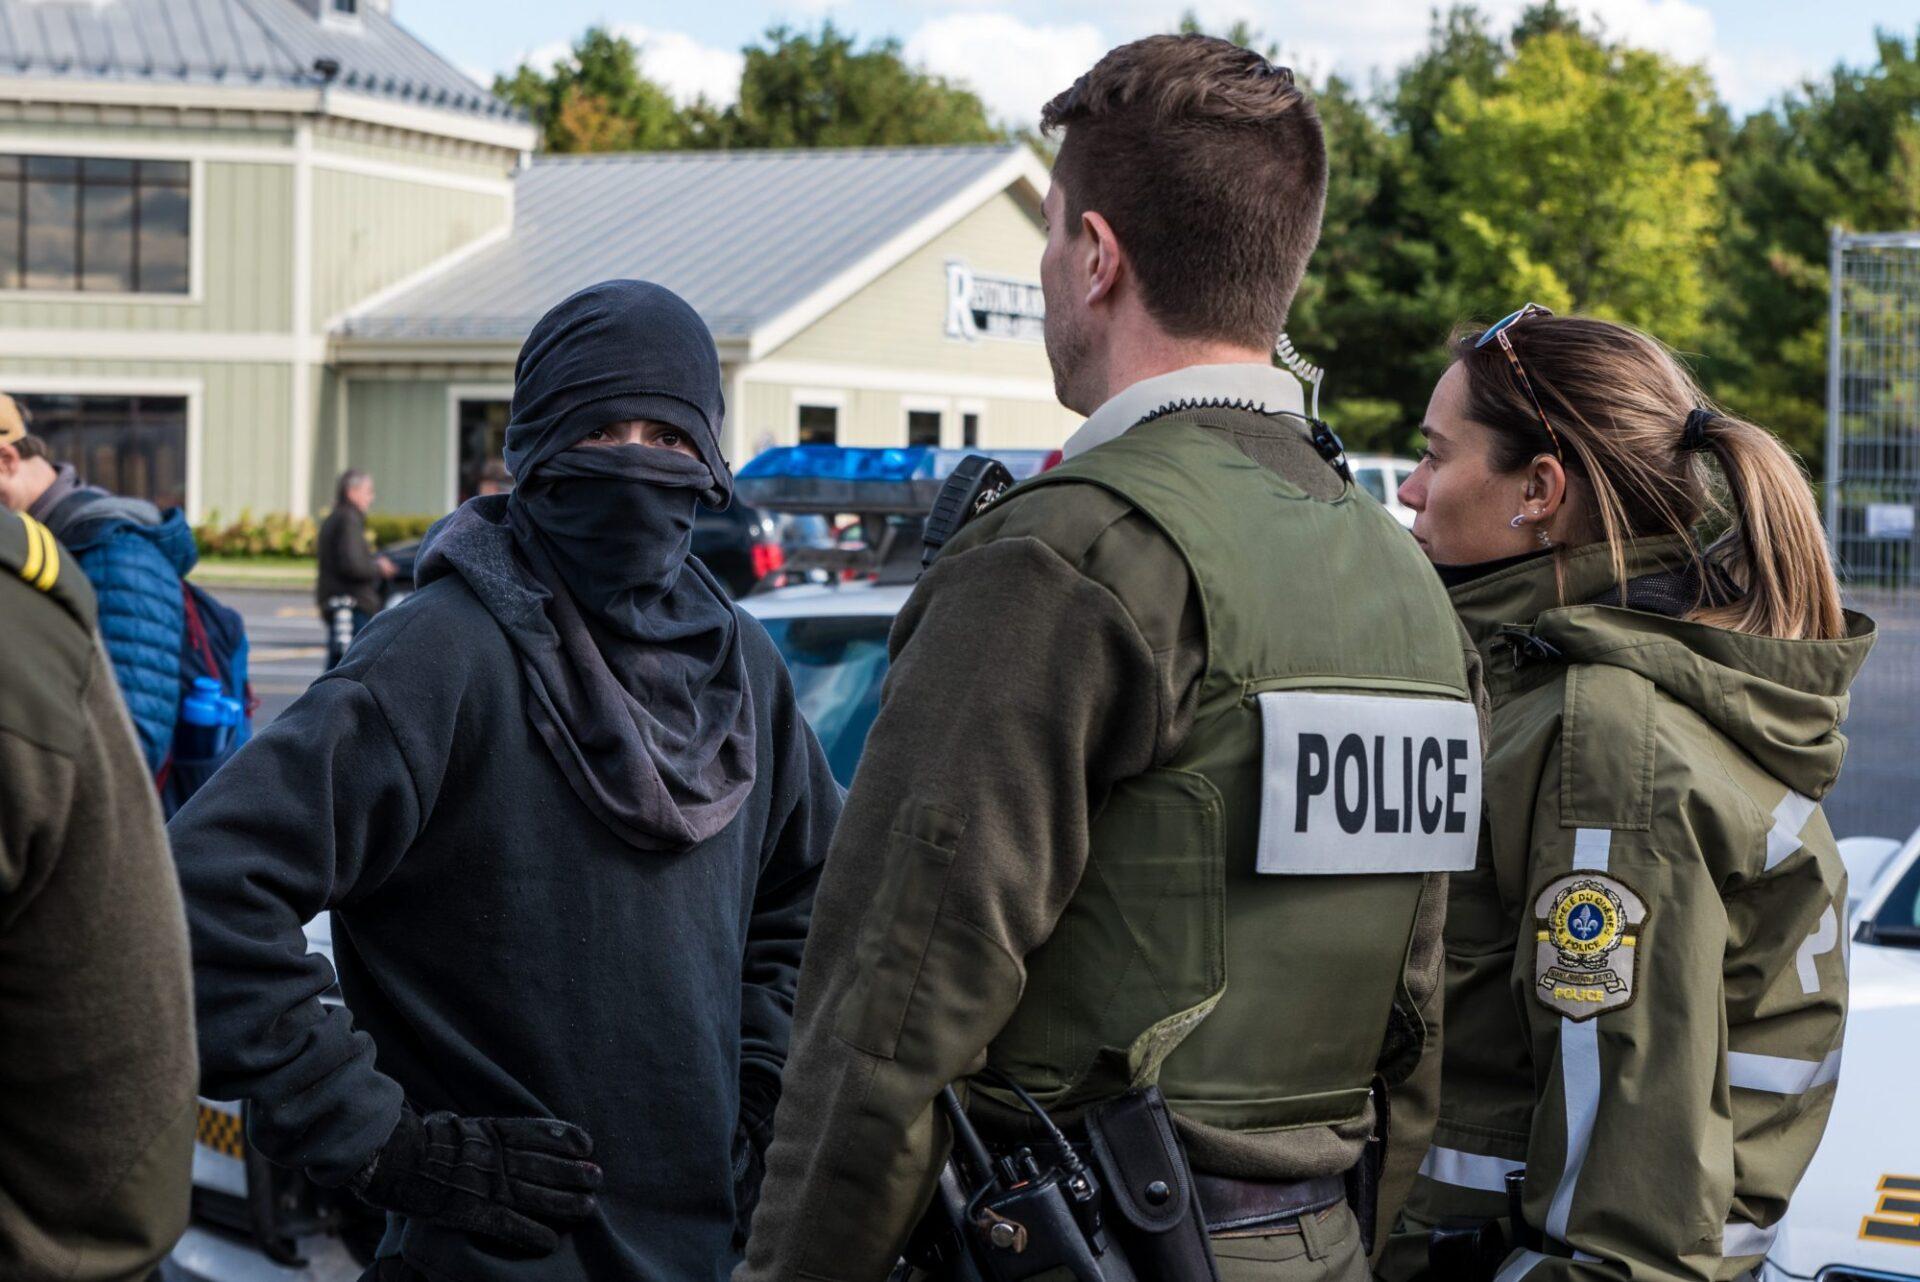 Un manifestant antifasciste s'oppose à une fouille imposée par la Sûreté du Québec   Photo: Martin Ouellet-Diotte Montréal Campus